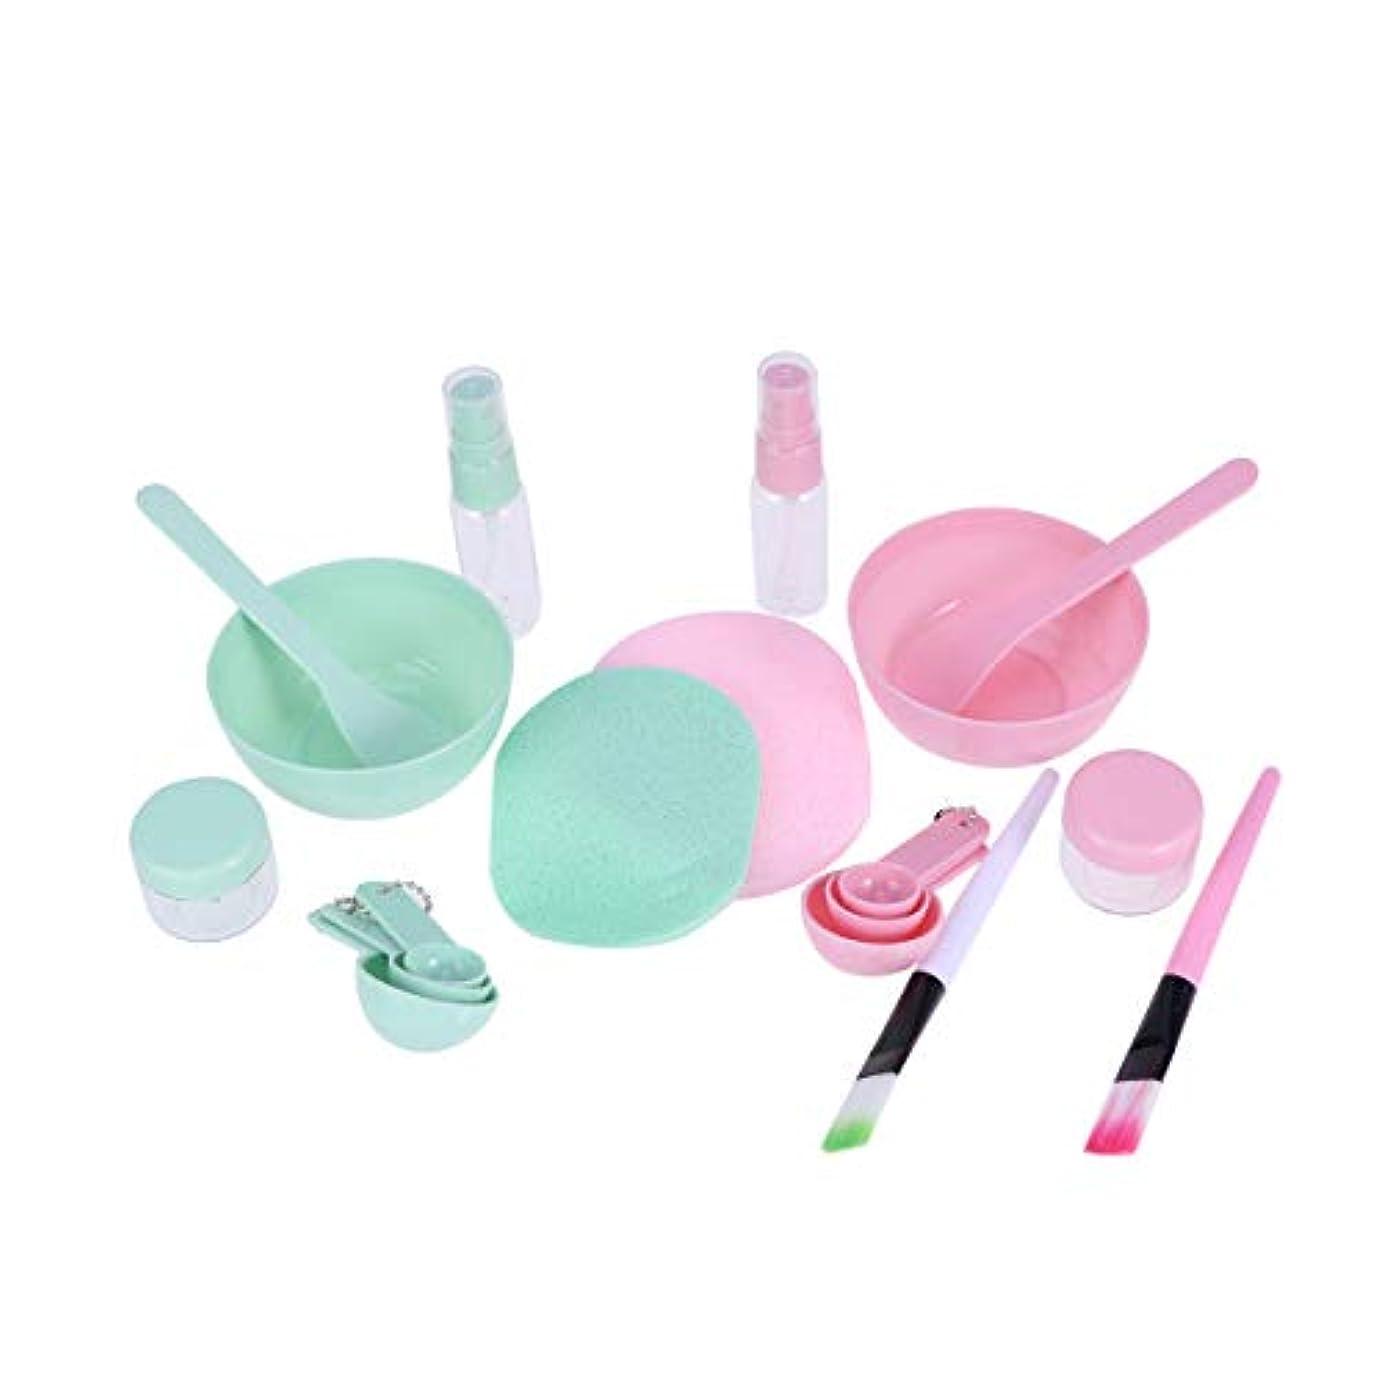 感情アーク乳製品Lurrose 2セット/ 9個DIYフェイスマスクミキシングボウルセットフェイスマスクミキシングツールキット付きシリコンフェイスマスクブラシフェイシャルマスクボウルスティックヘラゲージパフ女性用(ピンク+グリーン)